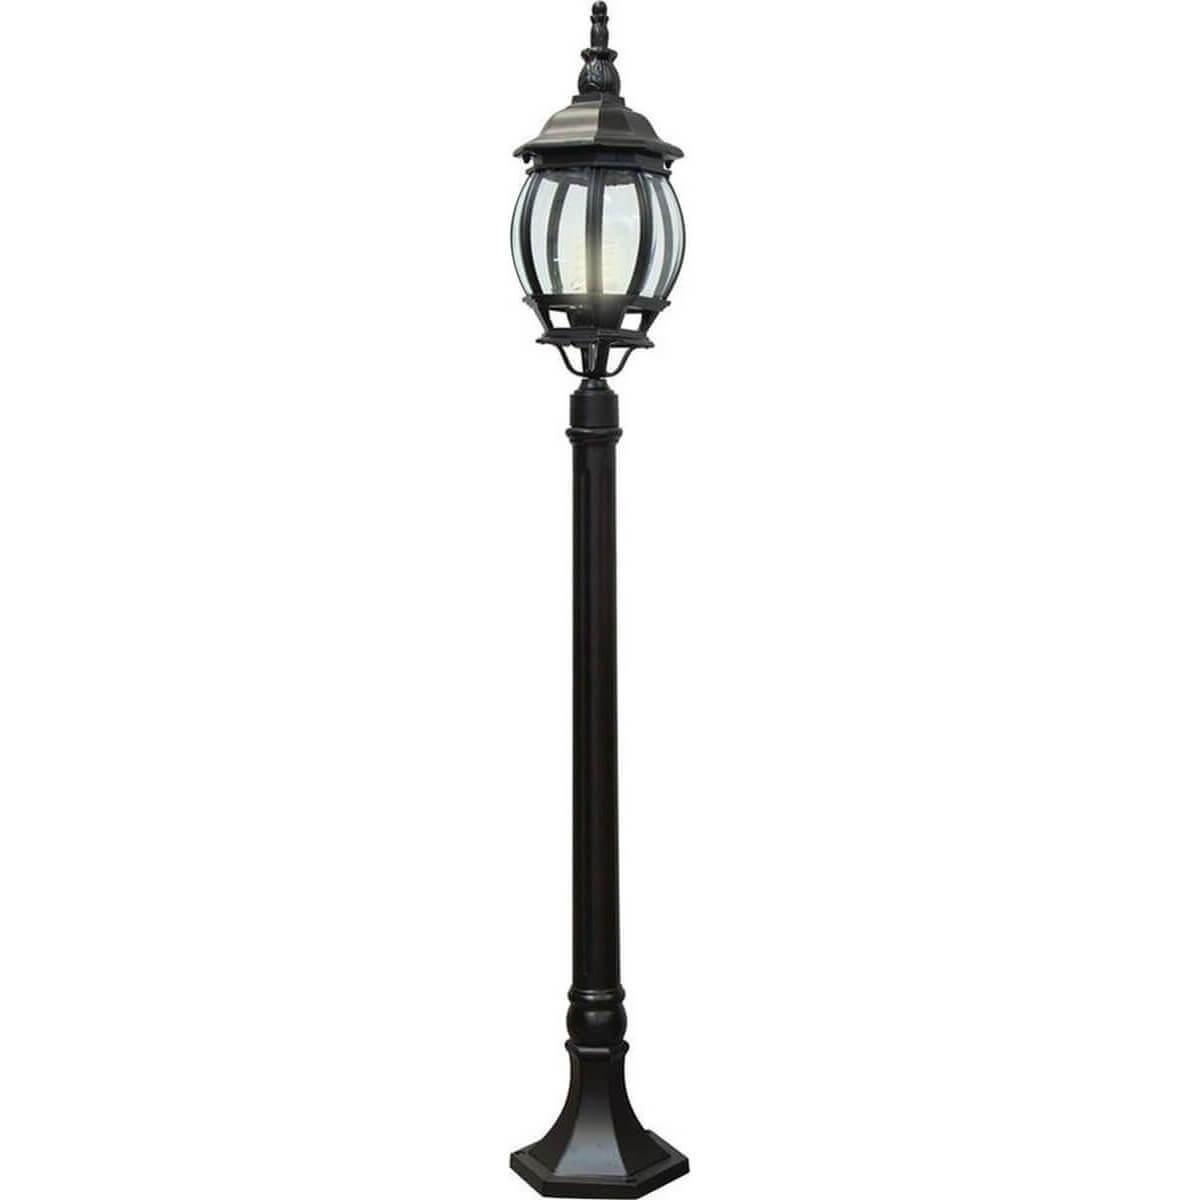 Уличный светильник Feron 8110 11106 цены онлайн